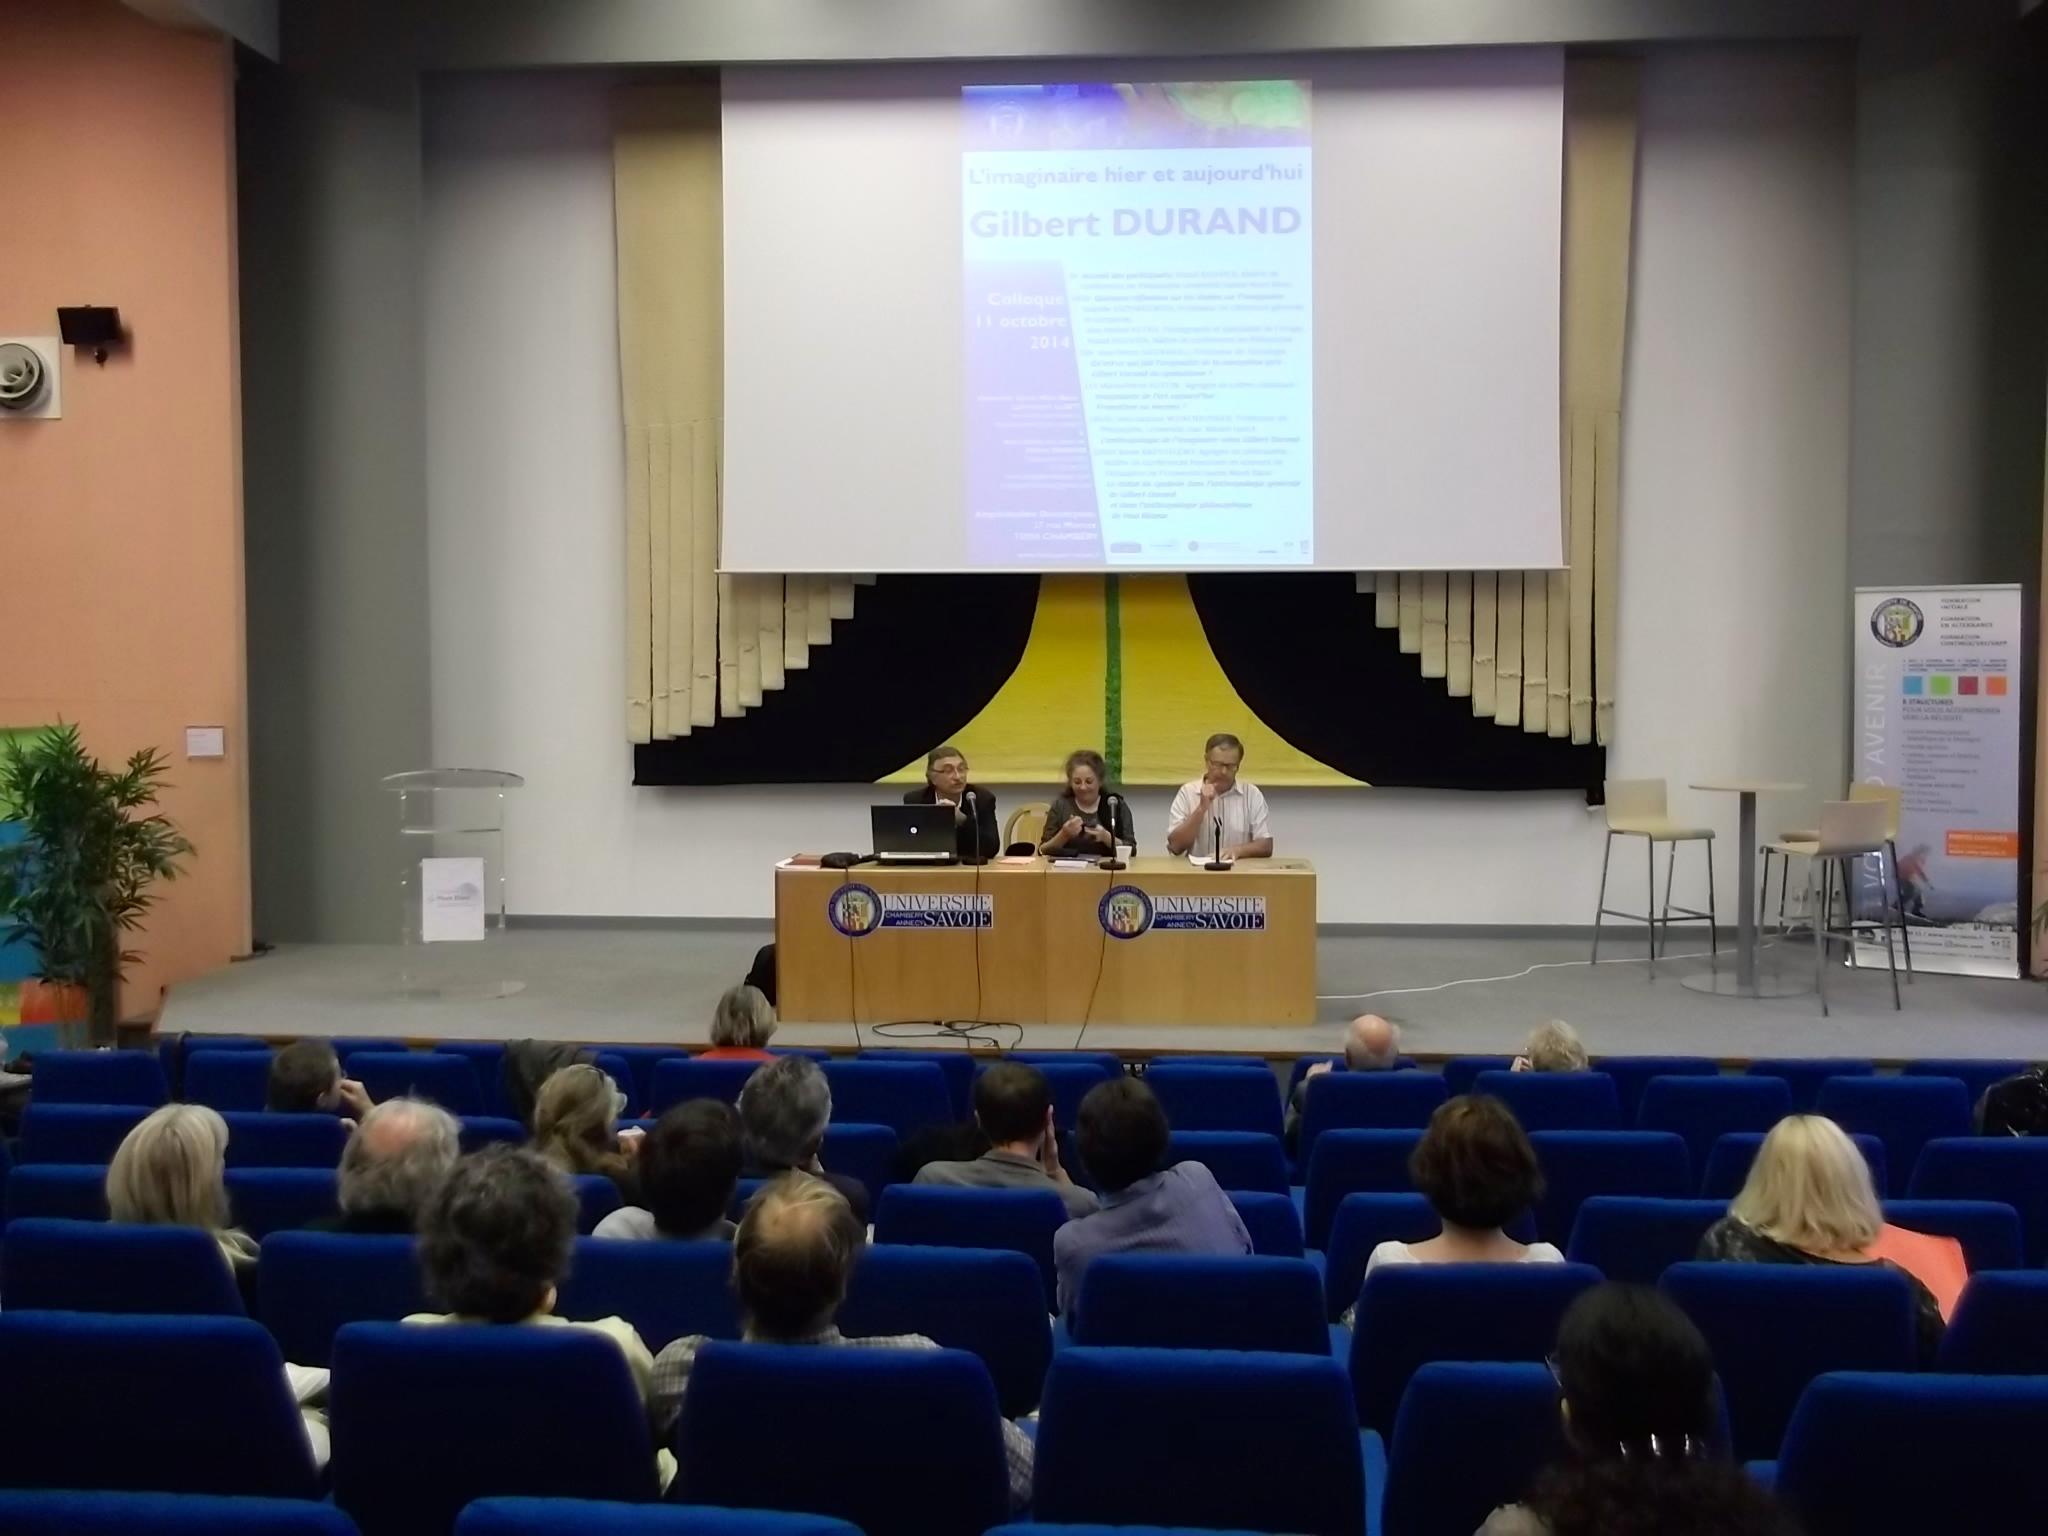 De gauche à droite : Pascal Bouvier, Isabelle Krzywkowski, Jean Michel Hetru